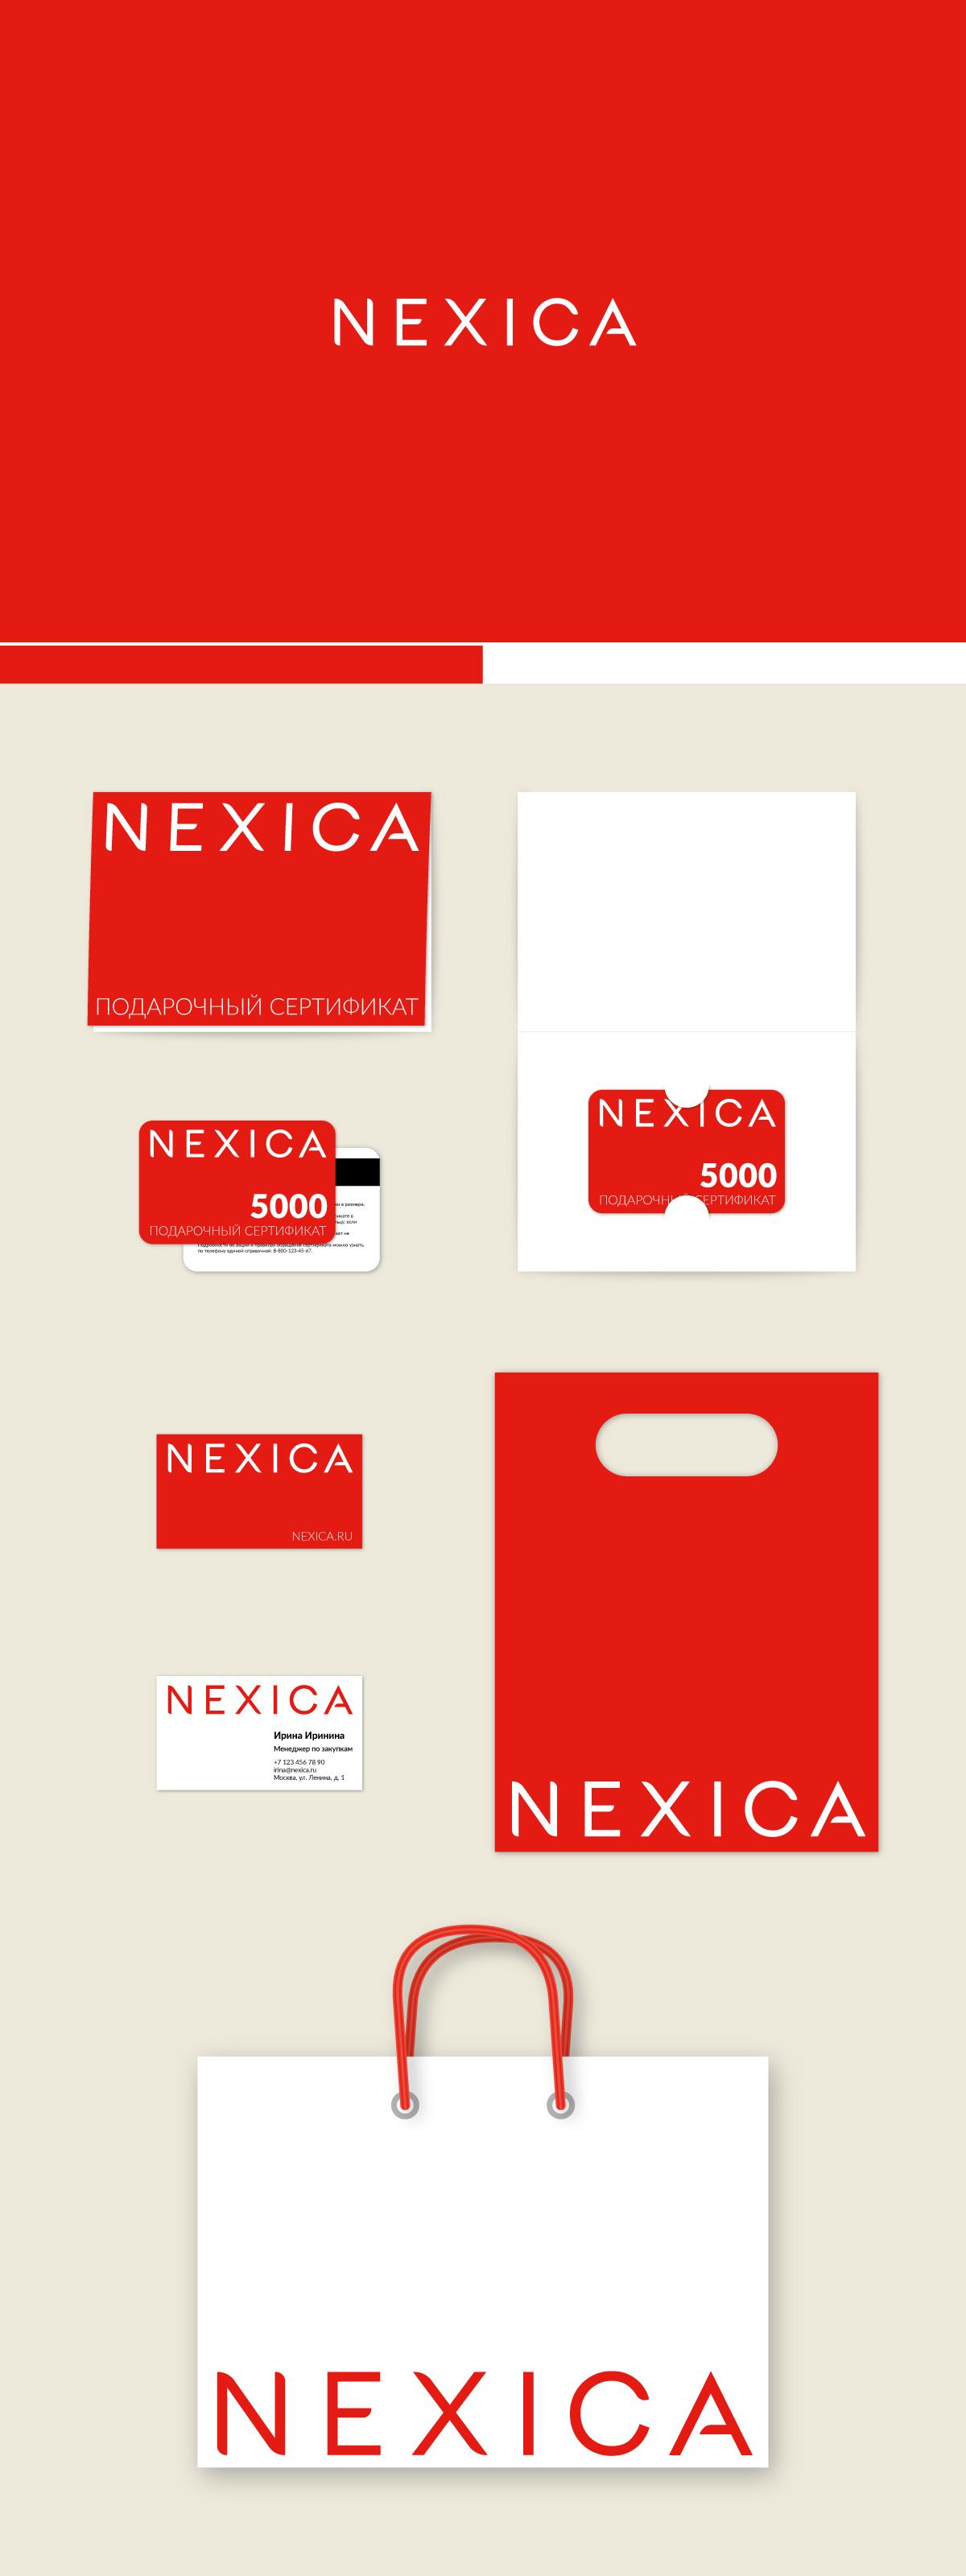 Название, логотип и фирменный стиль для интернет-магазина профессиональной косметики